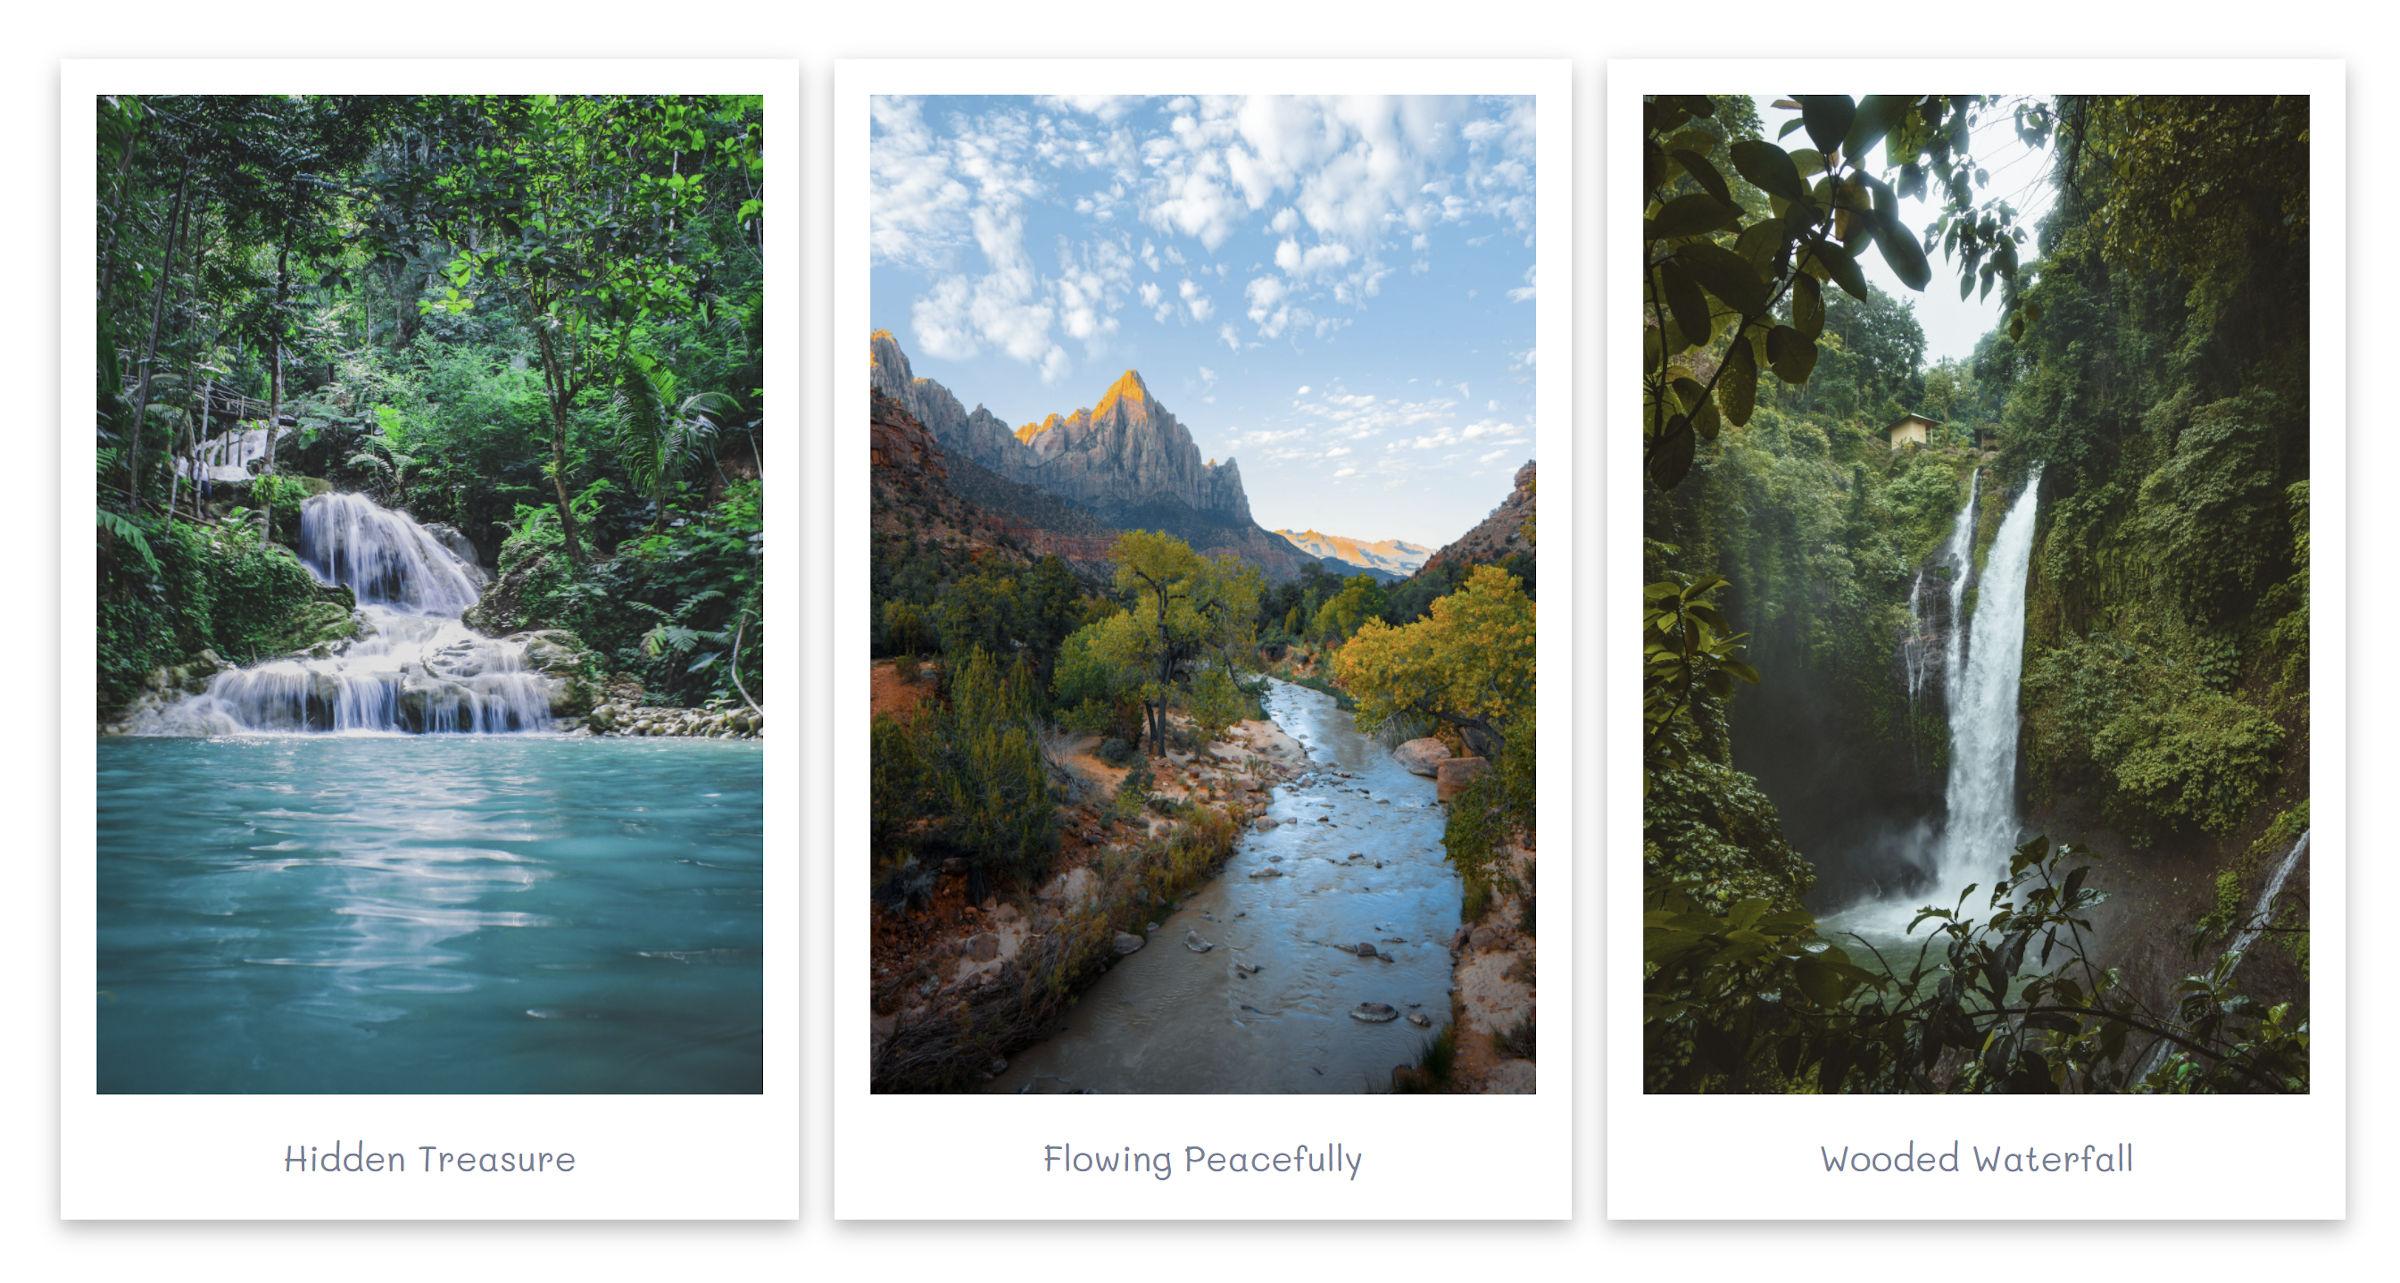 Una cornice in stile Polaroid attorno a tutte le immagini all'interno di una galleria di WordPress.